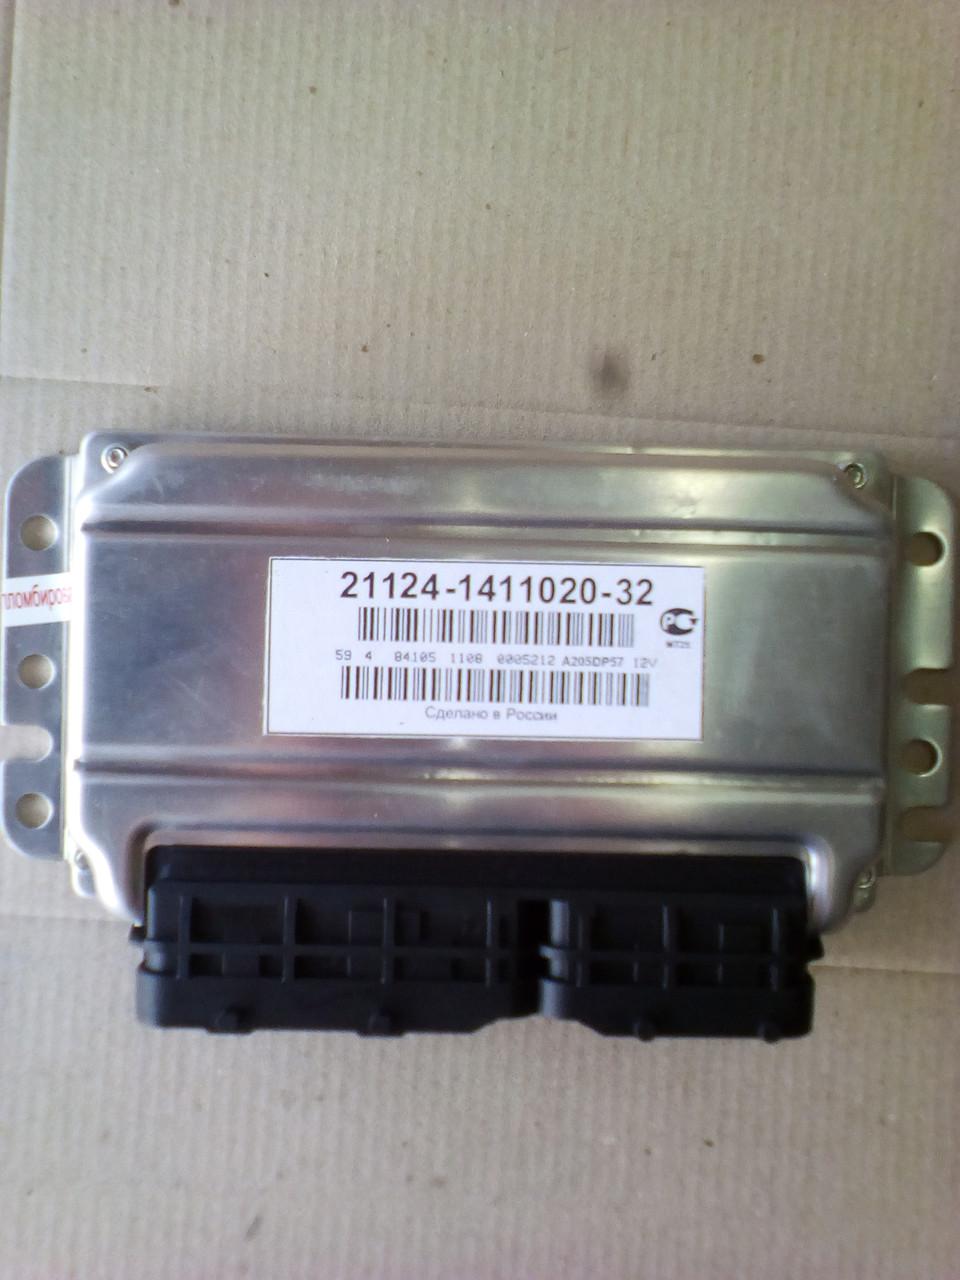 Блок управления 21124-1411020-32 на автомобили ВАЗ 2110,11,12